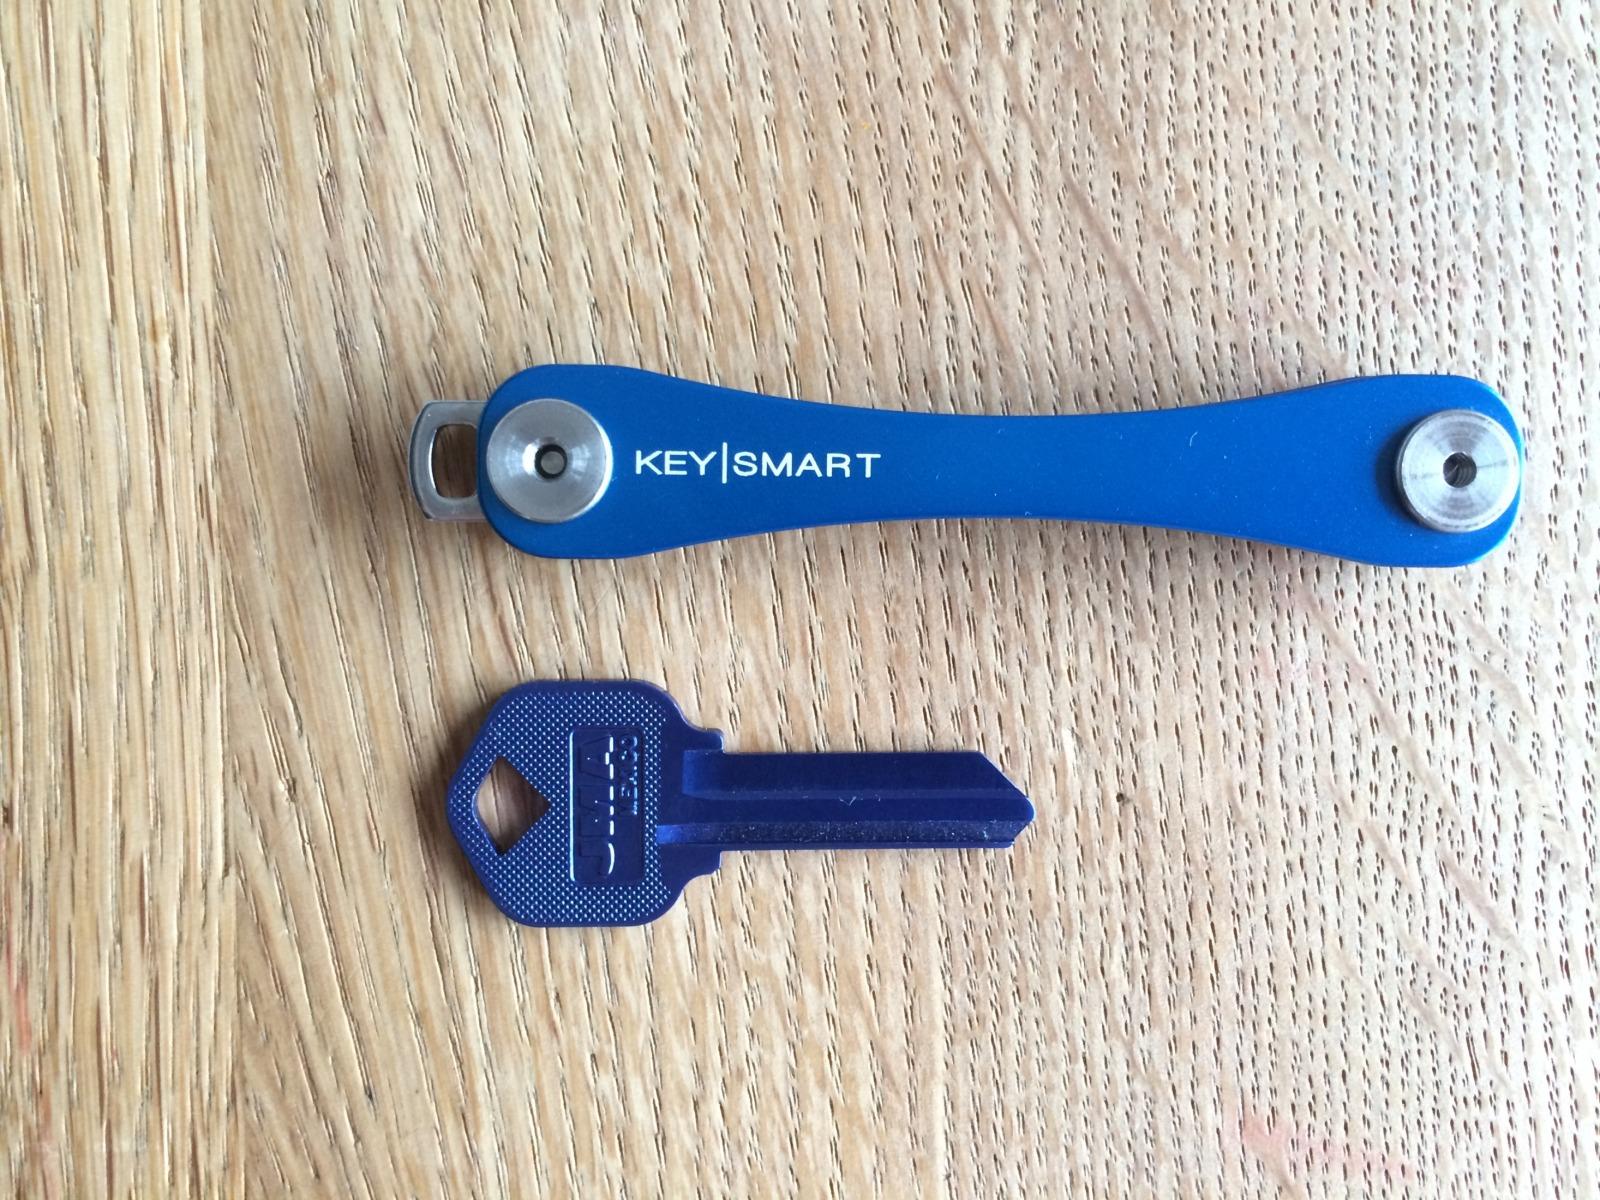 Air-Ersatzschluessel fuer den Keysmart